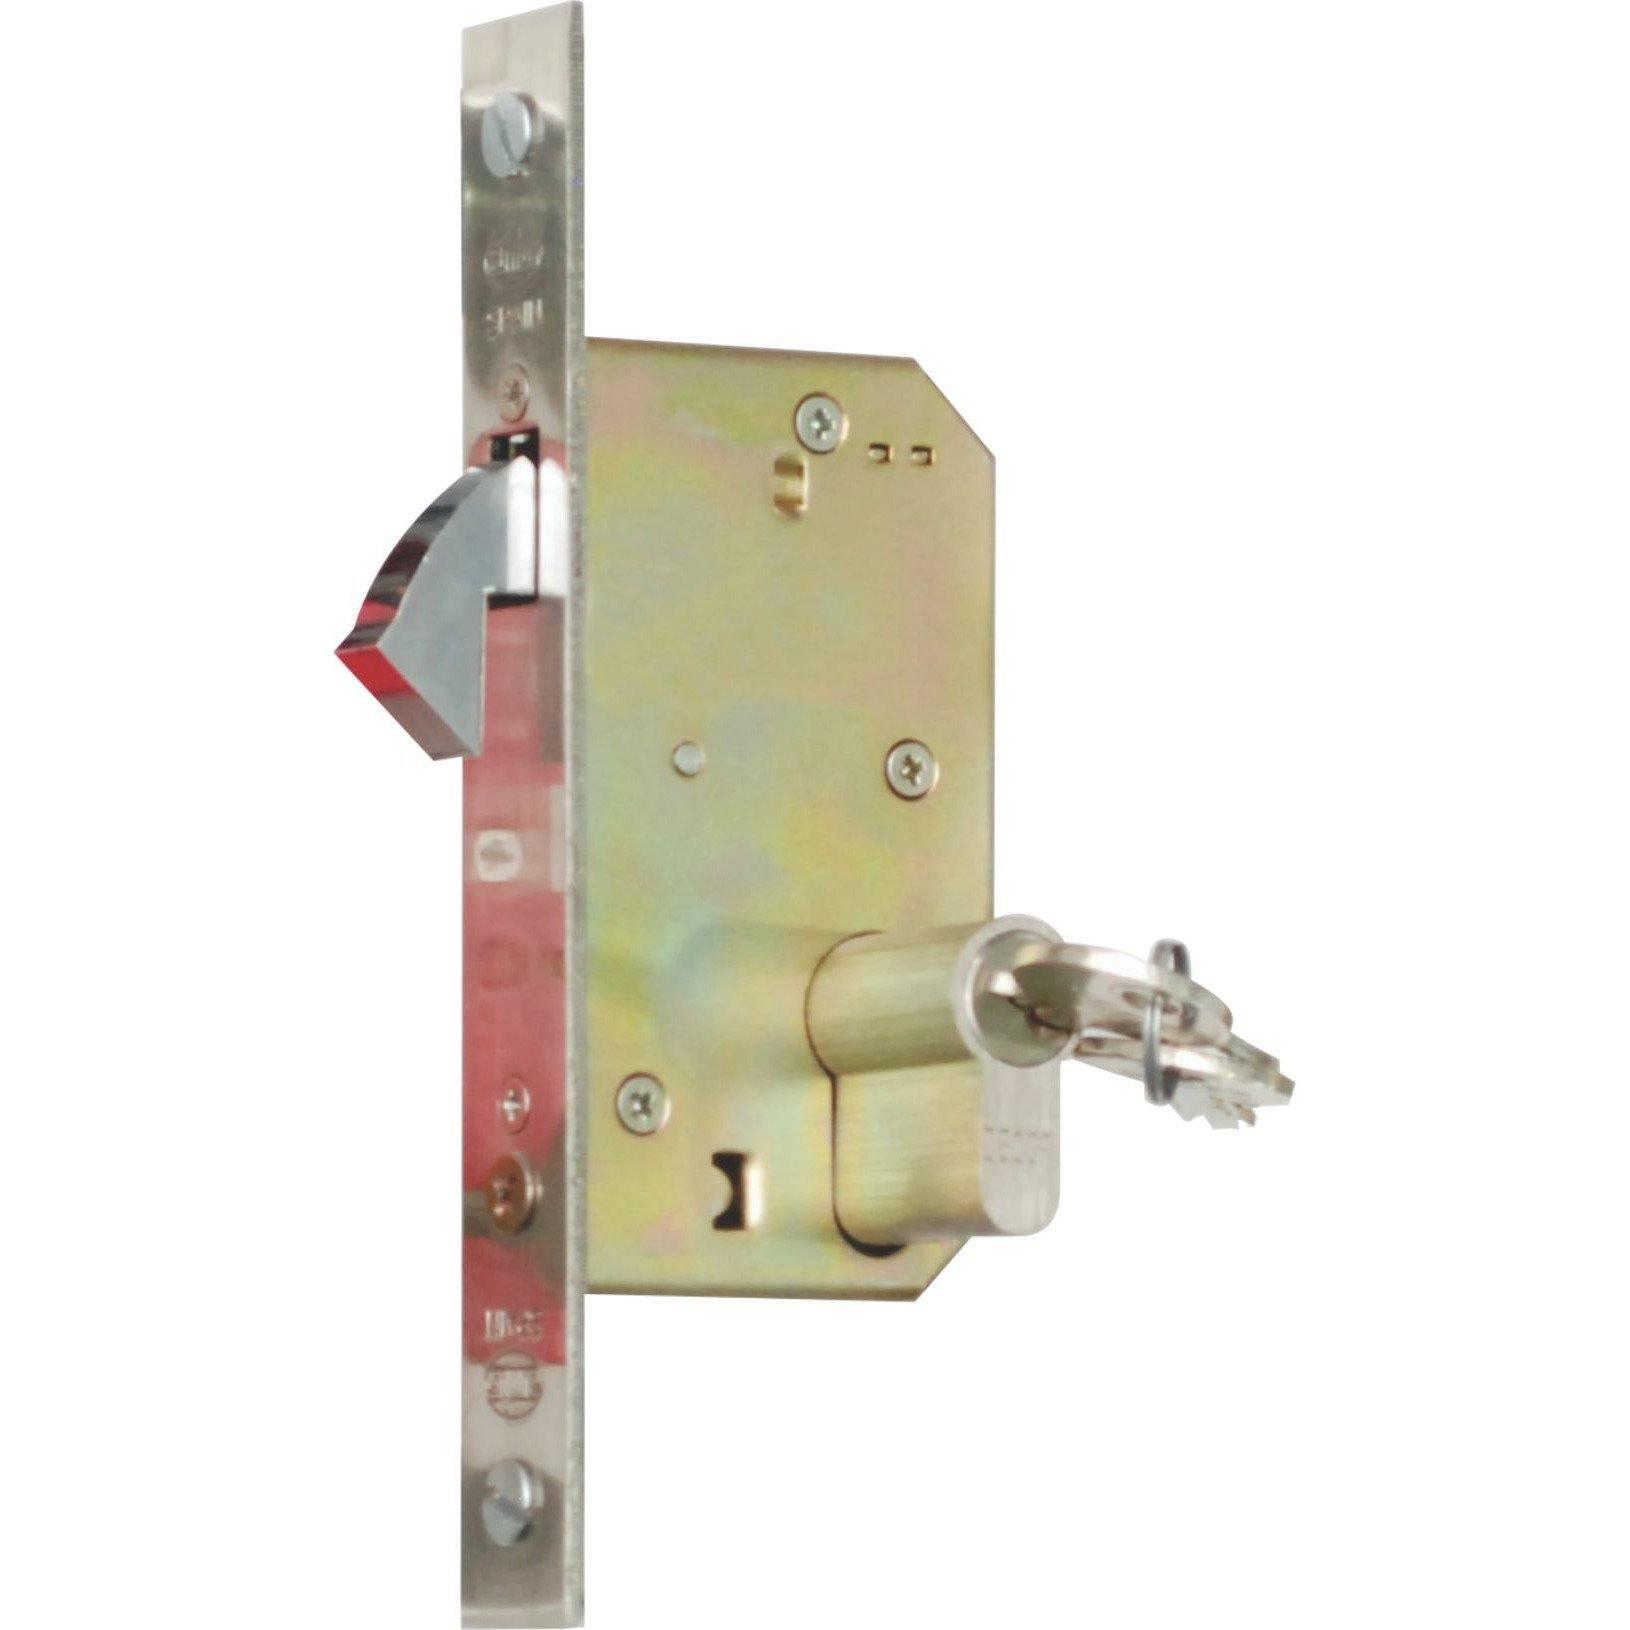 Hook lock for wooden sliding doors (Lock Body Only)